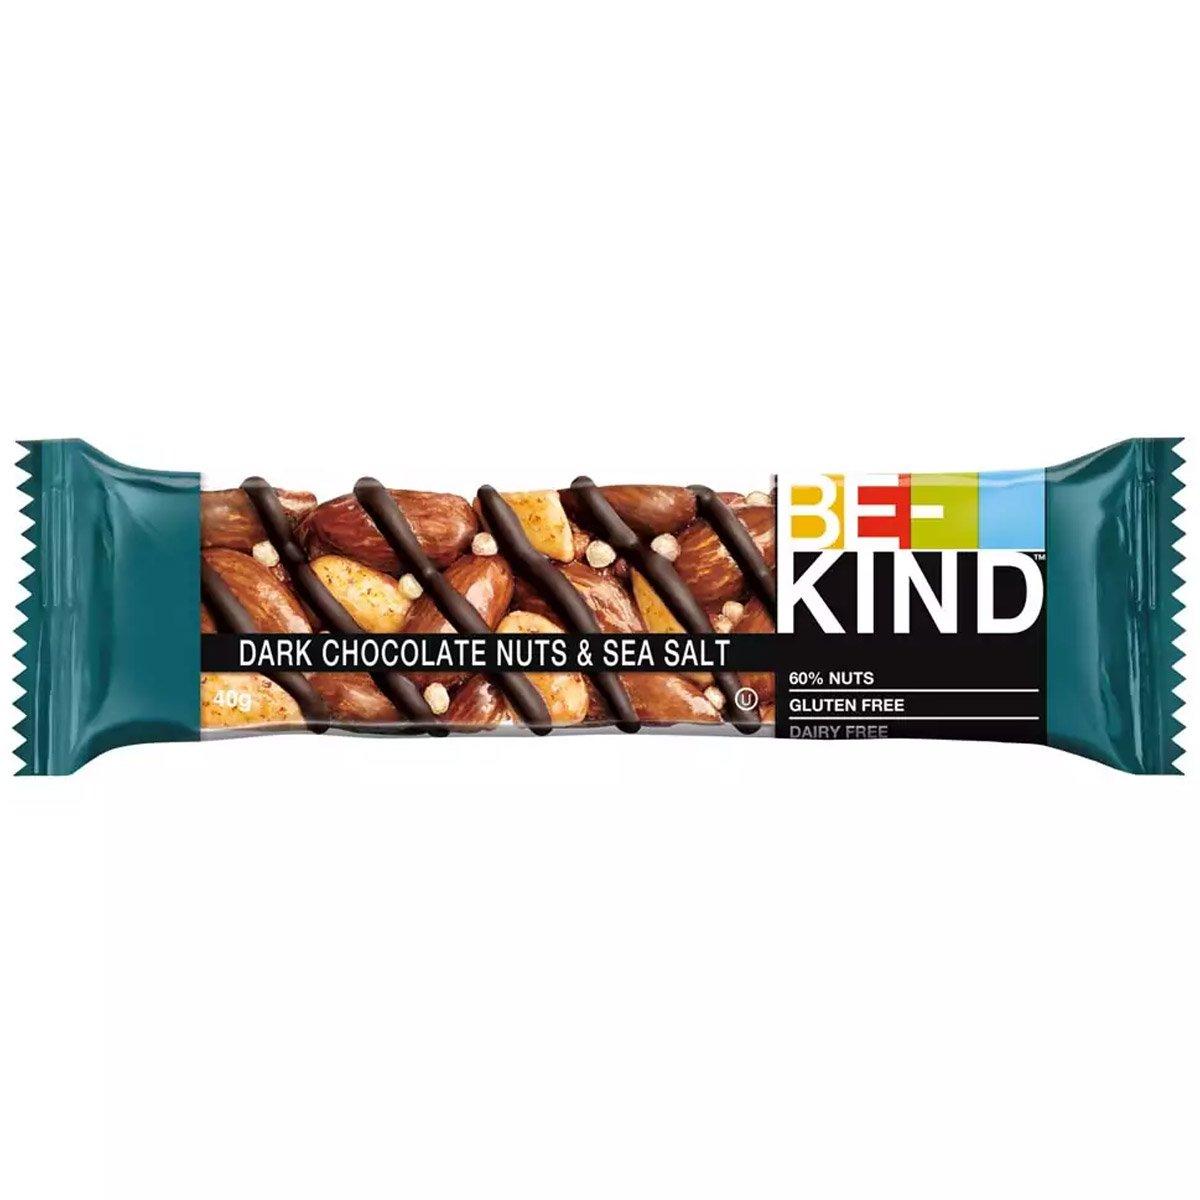 BE-KIND Dark Chocolate Nuts & Sea Salt (40g) 1